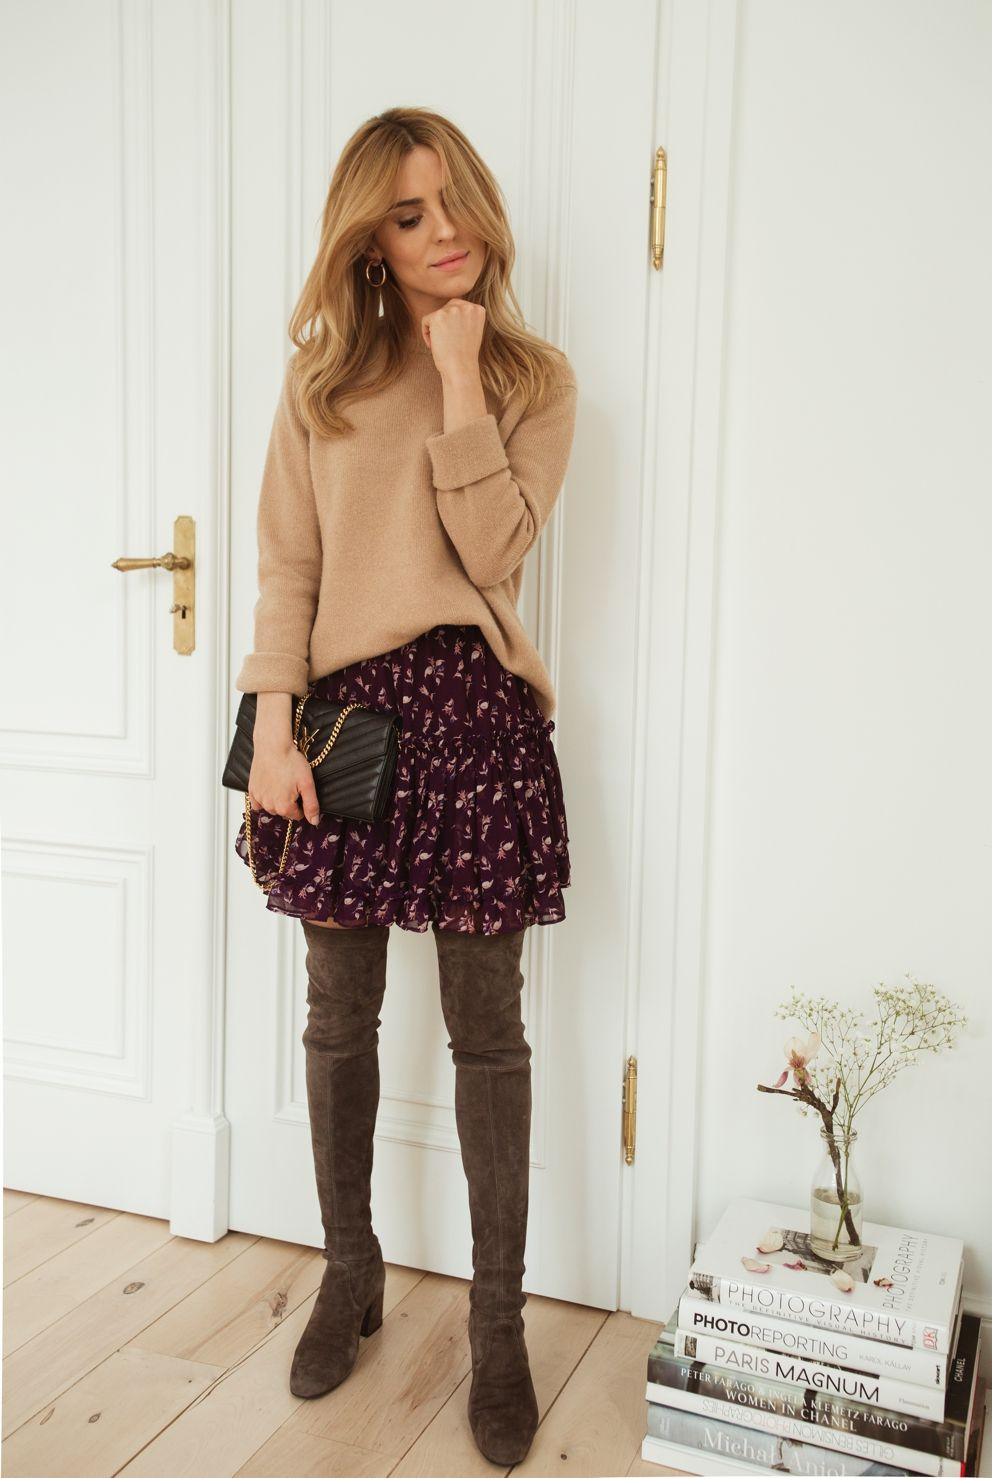 3fff366057 earrings   kolczyki - Mango high boots   wysokie kozaki - Pretty Ballerinas  wool coat   wełniany płaszcz – Zara (stara kolekcja) skirt   spódnica -  Prototyp ...